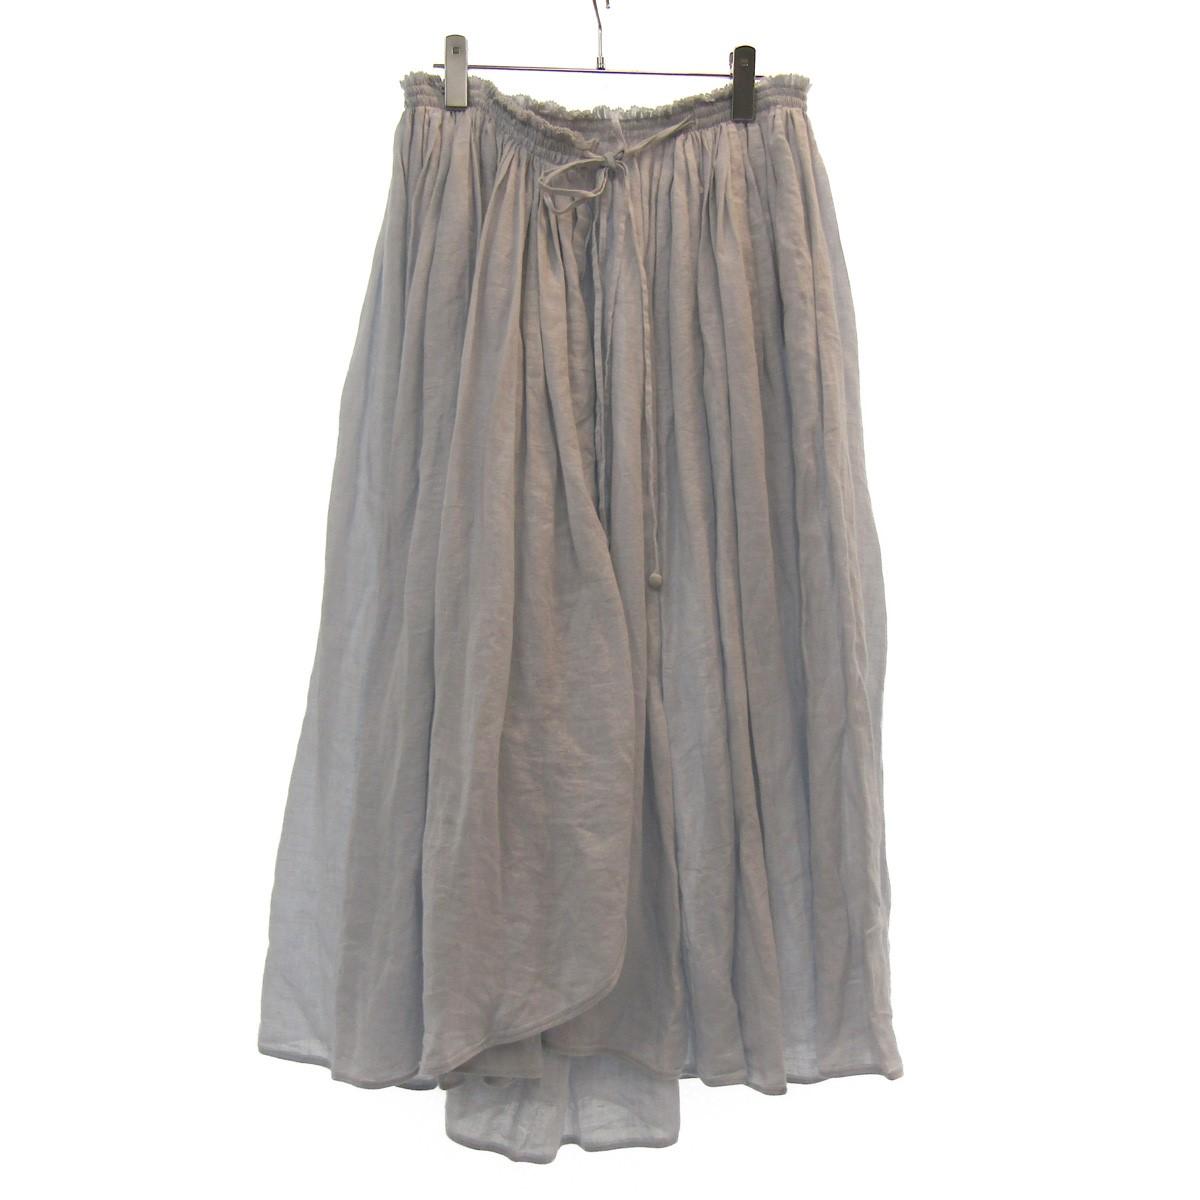 【中古】mina perhonen 19SS ギャザーラップスカート ライトグレー サイズ:- 【120320】(ミナペルホネン)